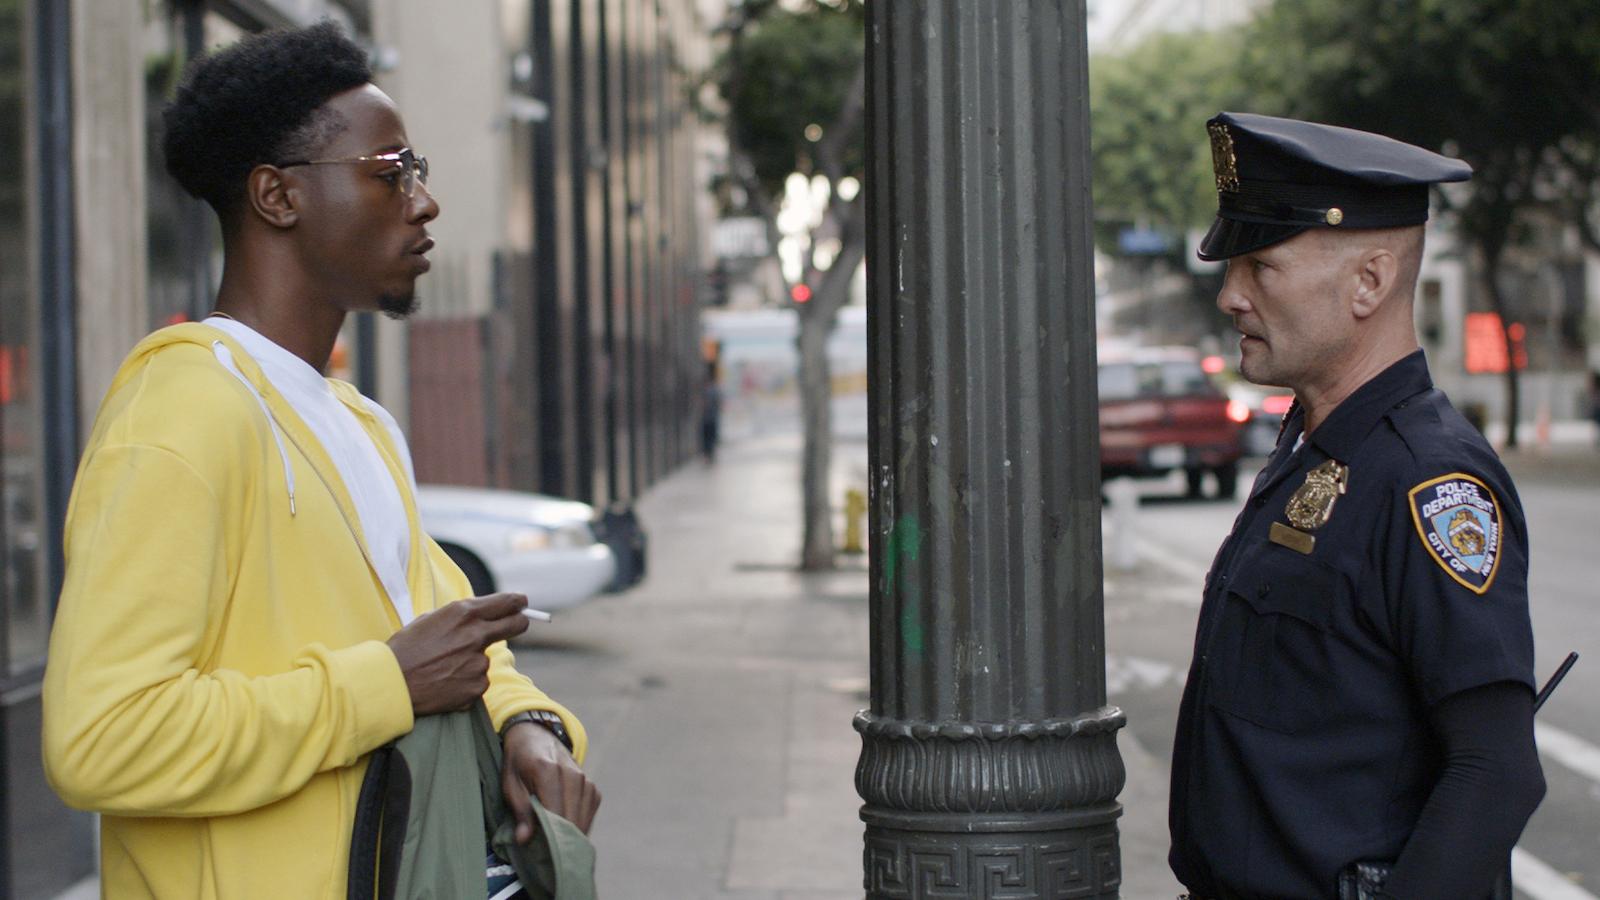 Cena do curta Dois Estranhos. Dois homens se encaram de perfil. À esquerda está Joey Badass, um homem negro de 26 anos que usa óculos, uma jaqueta amarela e blusa branca por baixo. Joey segura um cigarro na mão direita e está com sua mochila aberta nas mãos. À direita está Andrew Howard, um homem branco de 51 anos que usa uniforme policial - roupa e quepe azul escuro com símbolos da polícia de Nova Iorque. Ao fundo, o cenário é urbano e há um poste de luz no meio dos dois personagens.